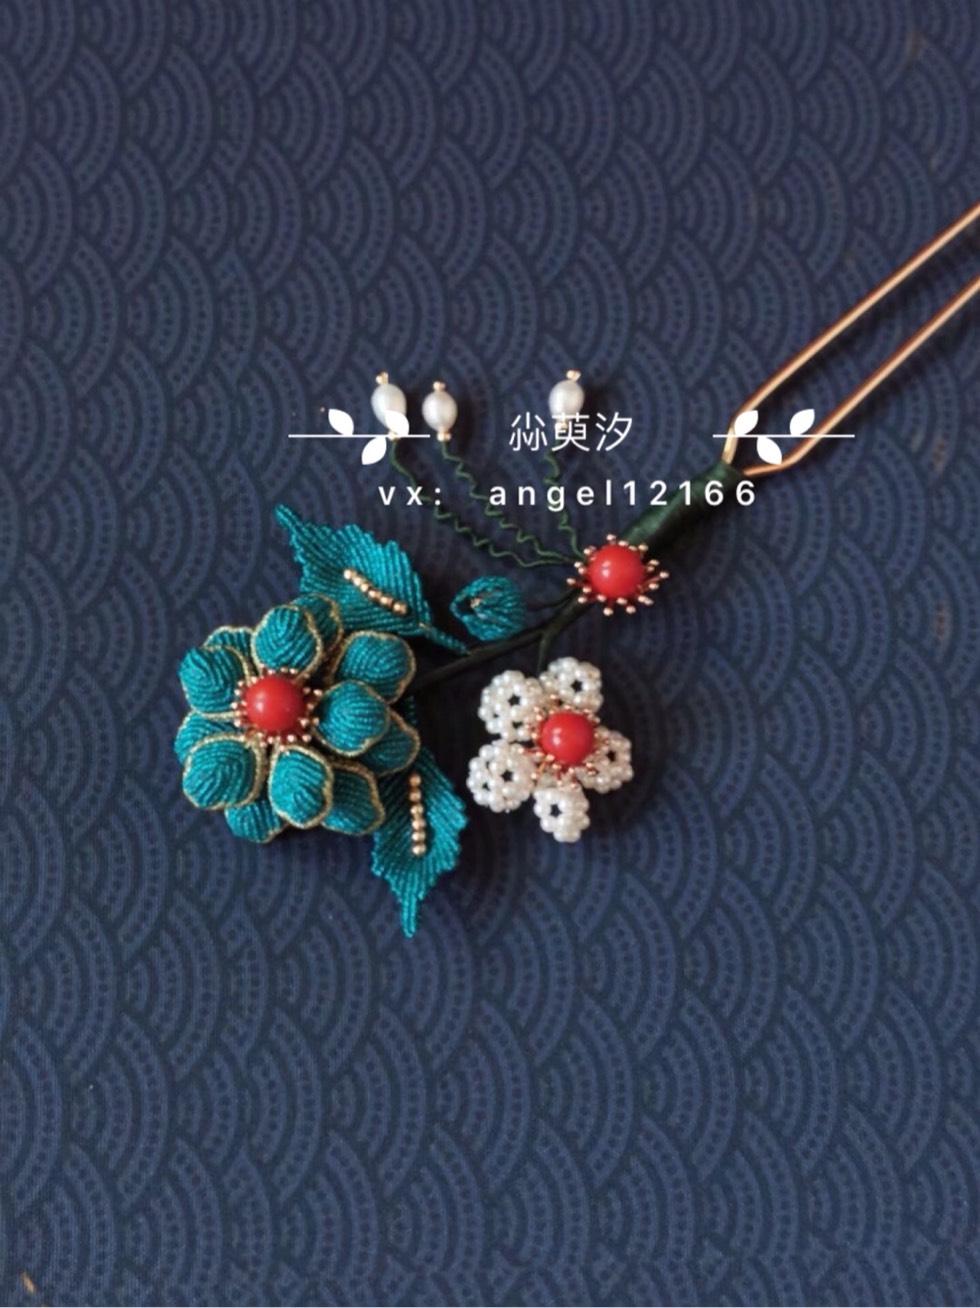 中国结论坛 仿点翠花簪系列 系列,翠花,点翠 作品展示 163820jw4ydwna2dt1ay2z